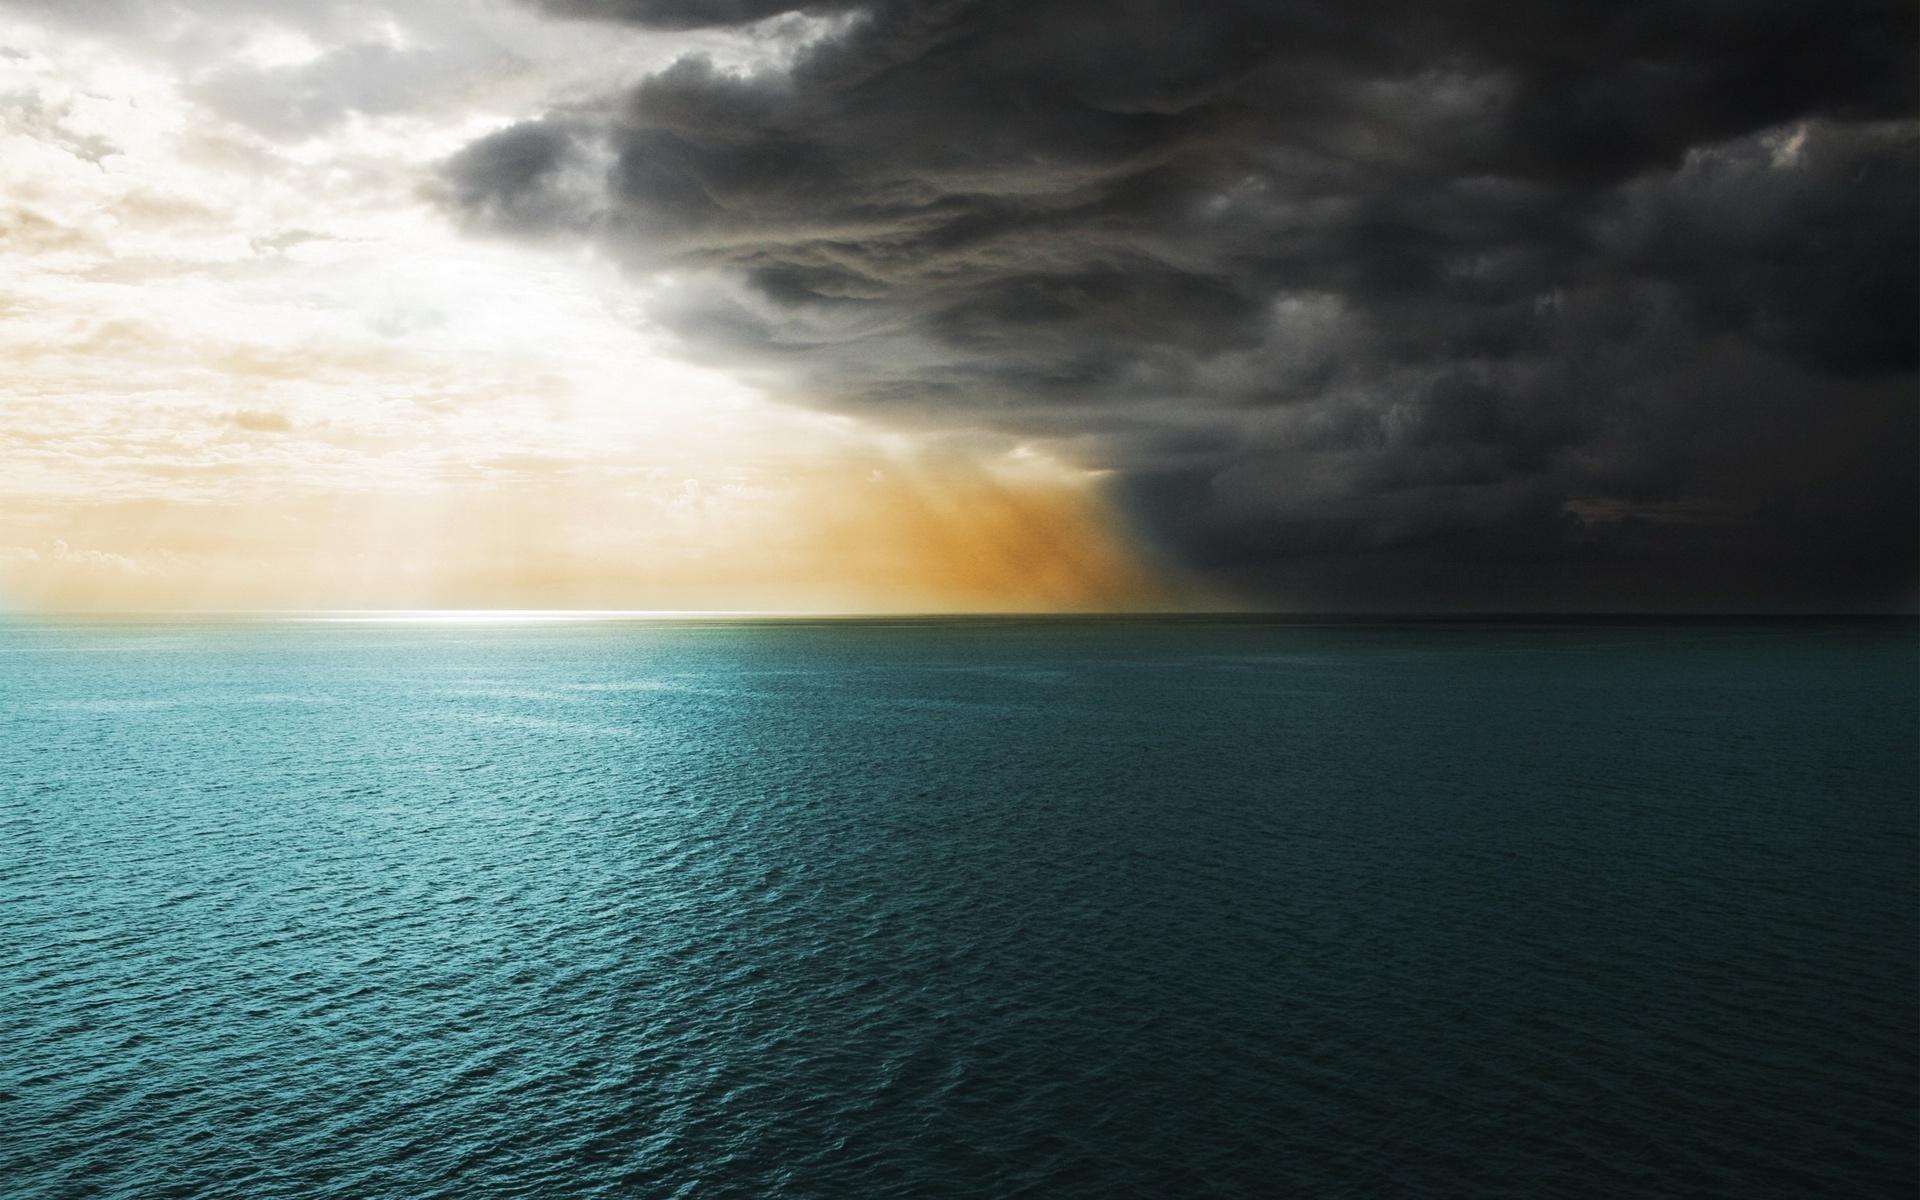 25866 скачать обои Пейзаж, Небо, Море, Солнце, Облака - заставки и картинки бесплатно